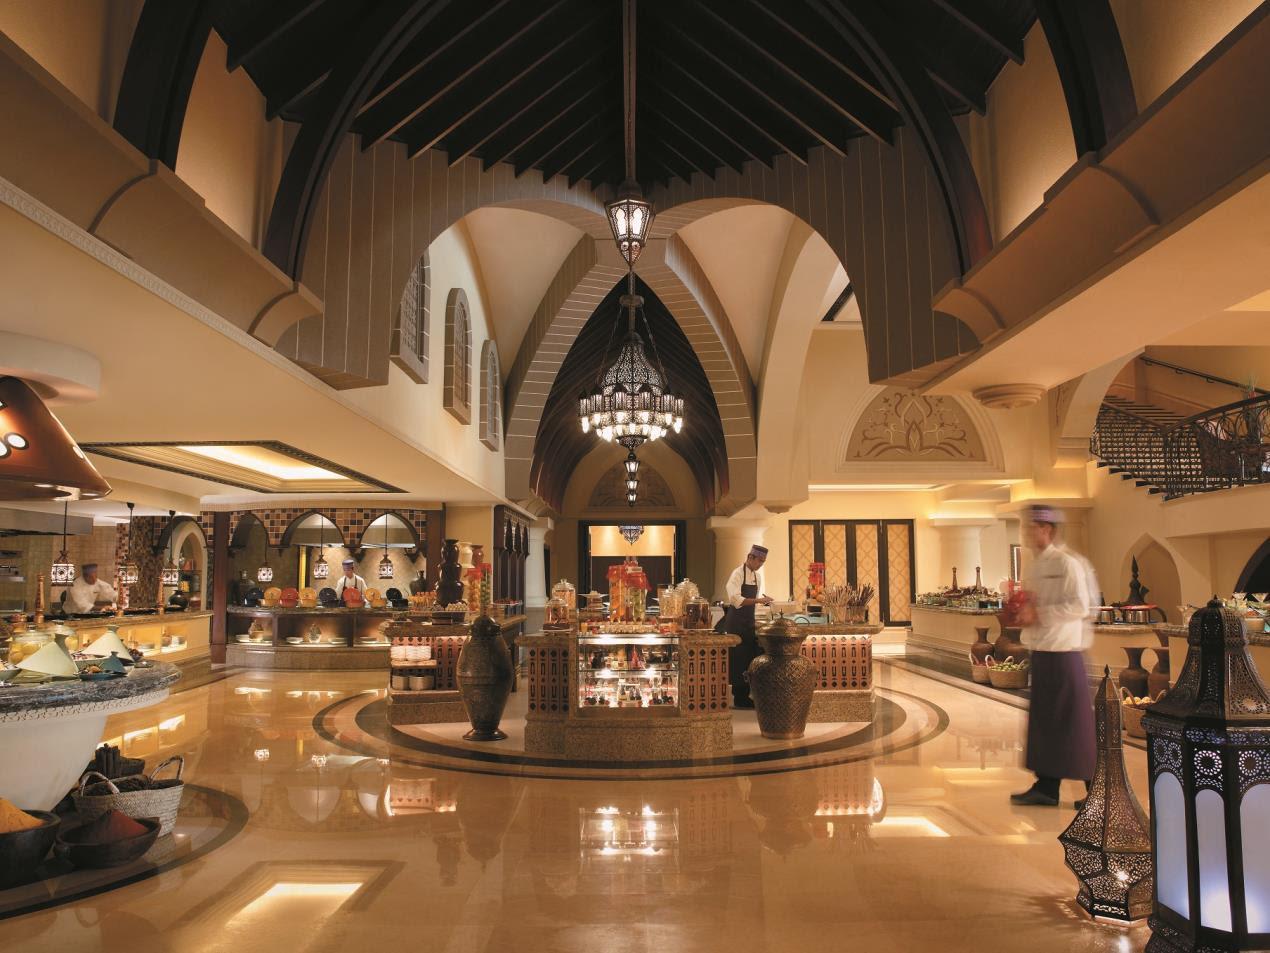 Shangri-La Hotel, Qaryat Al Beri, Abu Dhabi_Sofra bld